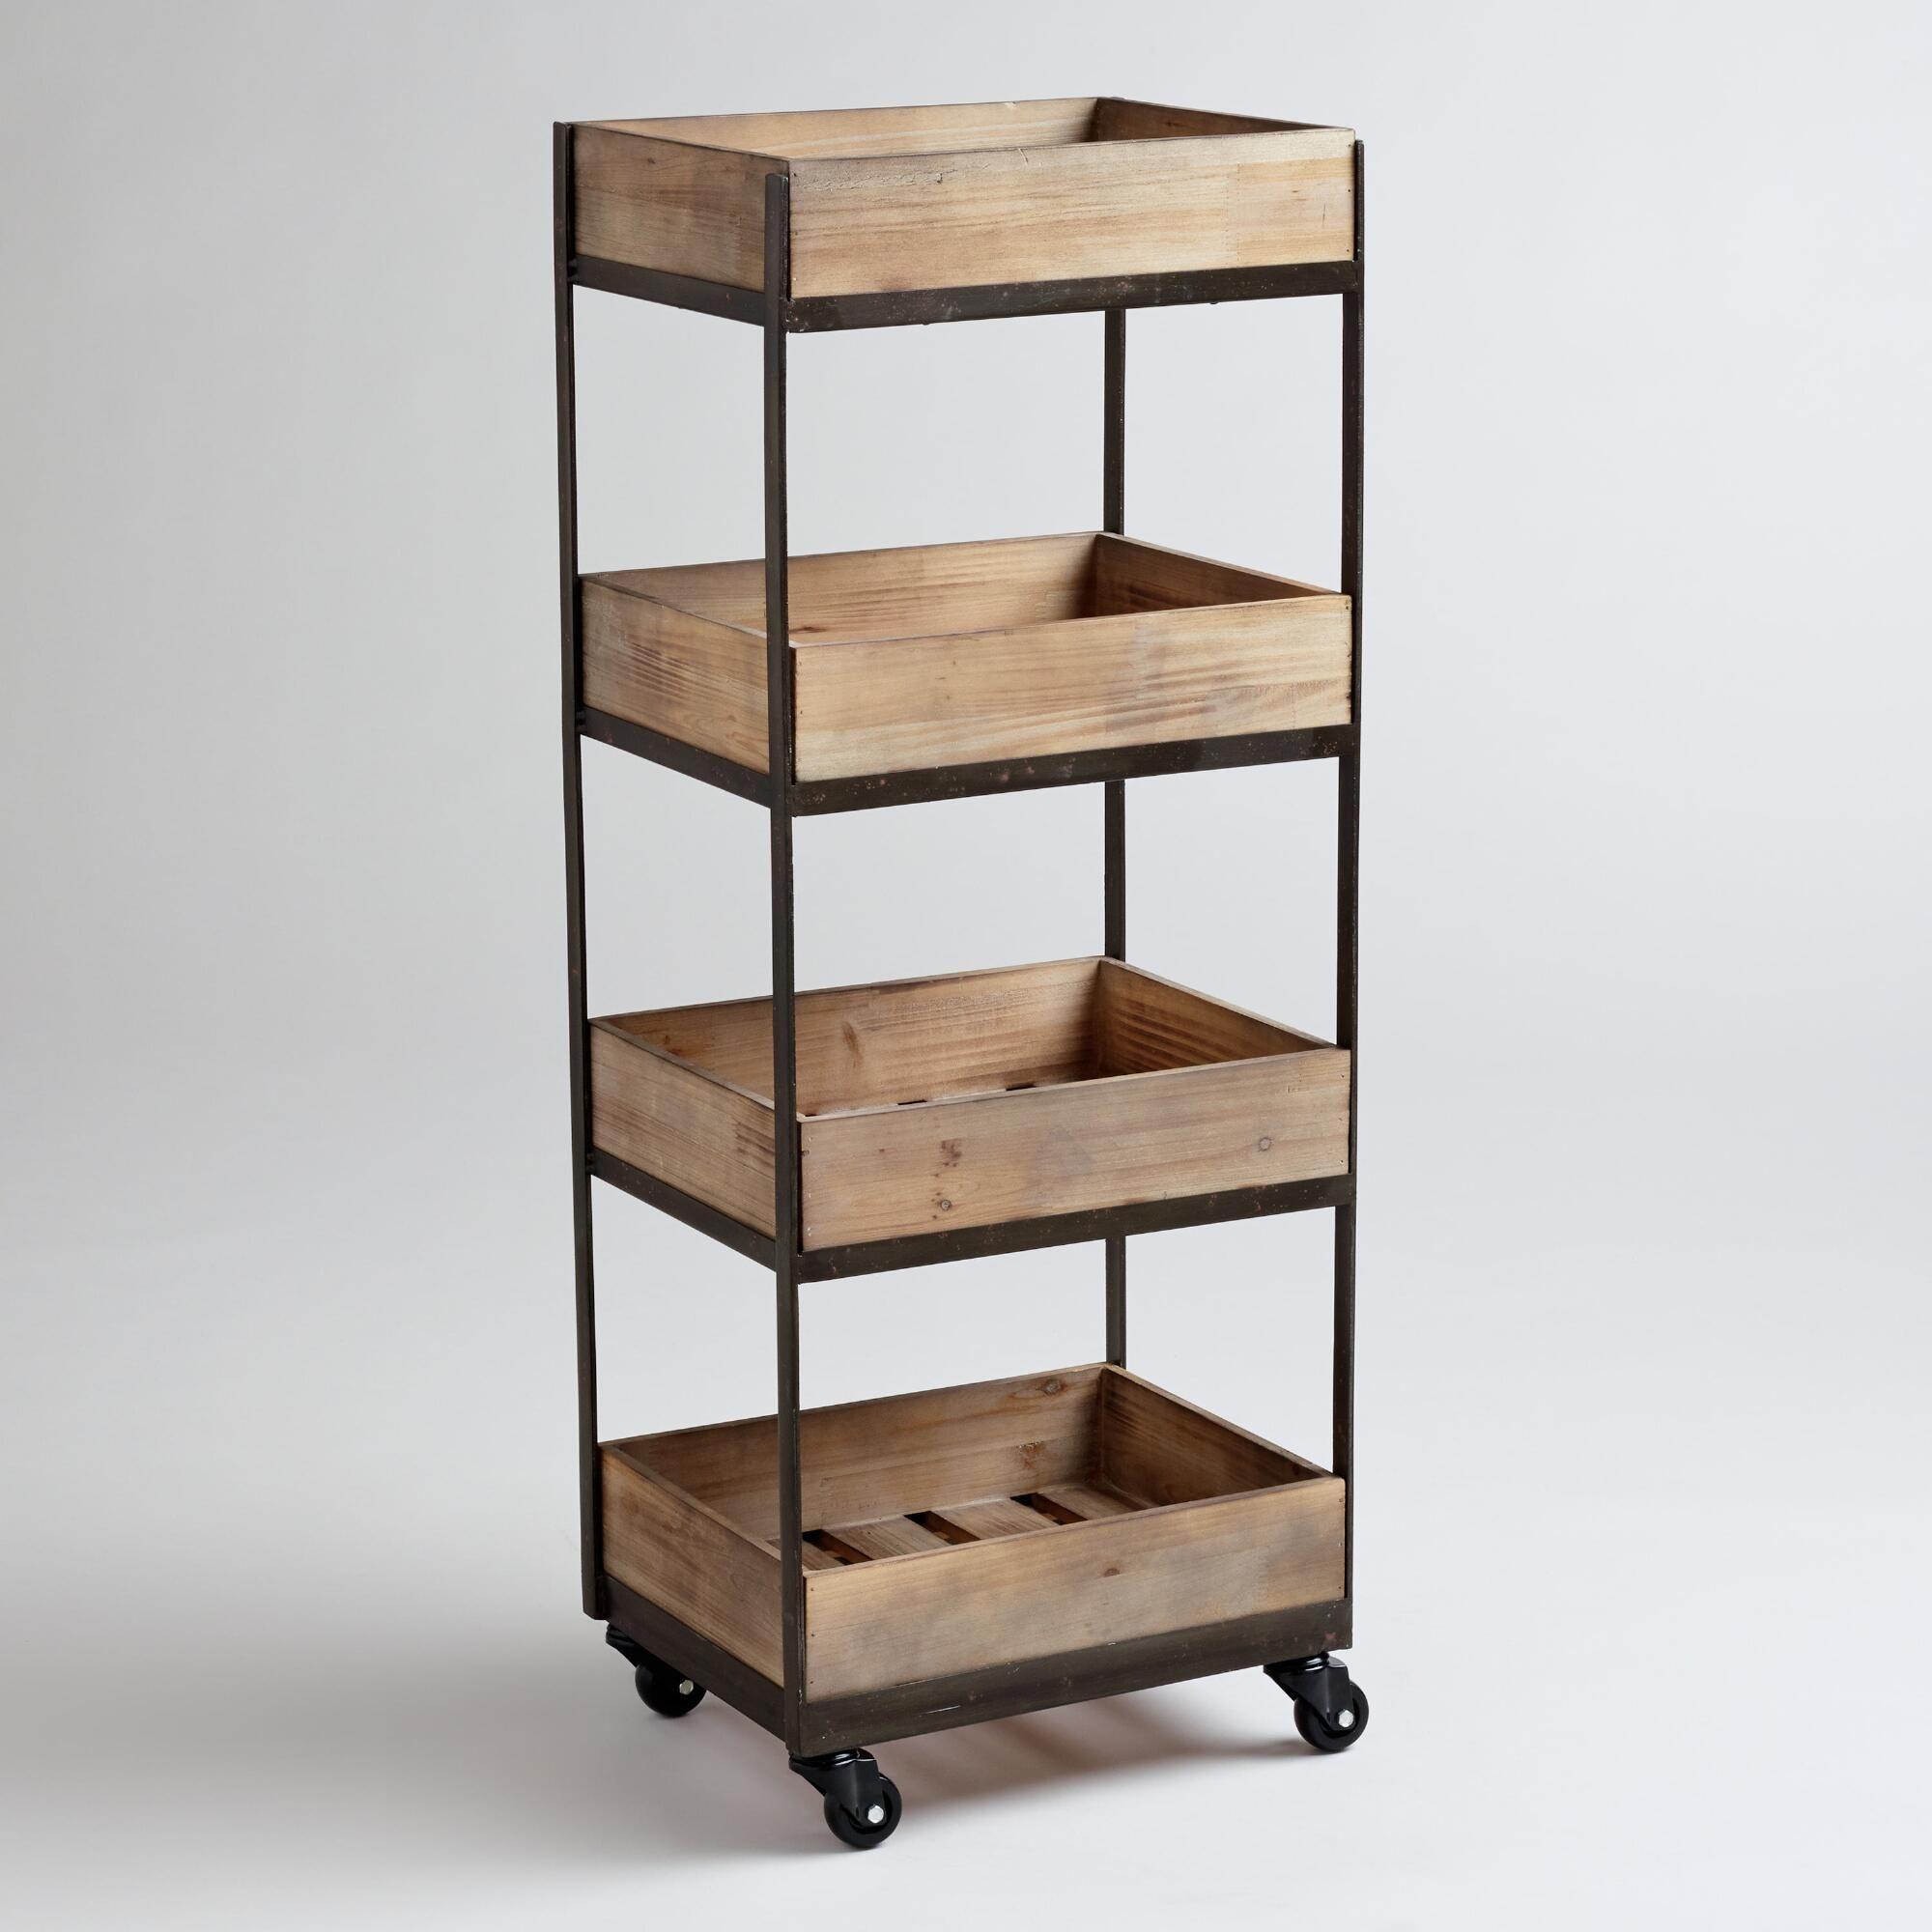 4 shelf wooden gavin rolling cart world market dream place rh pinterest com